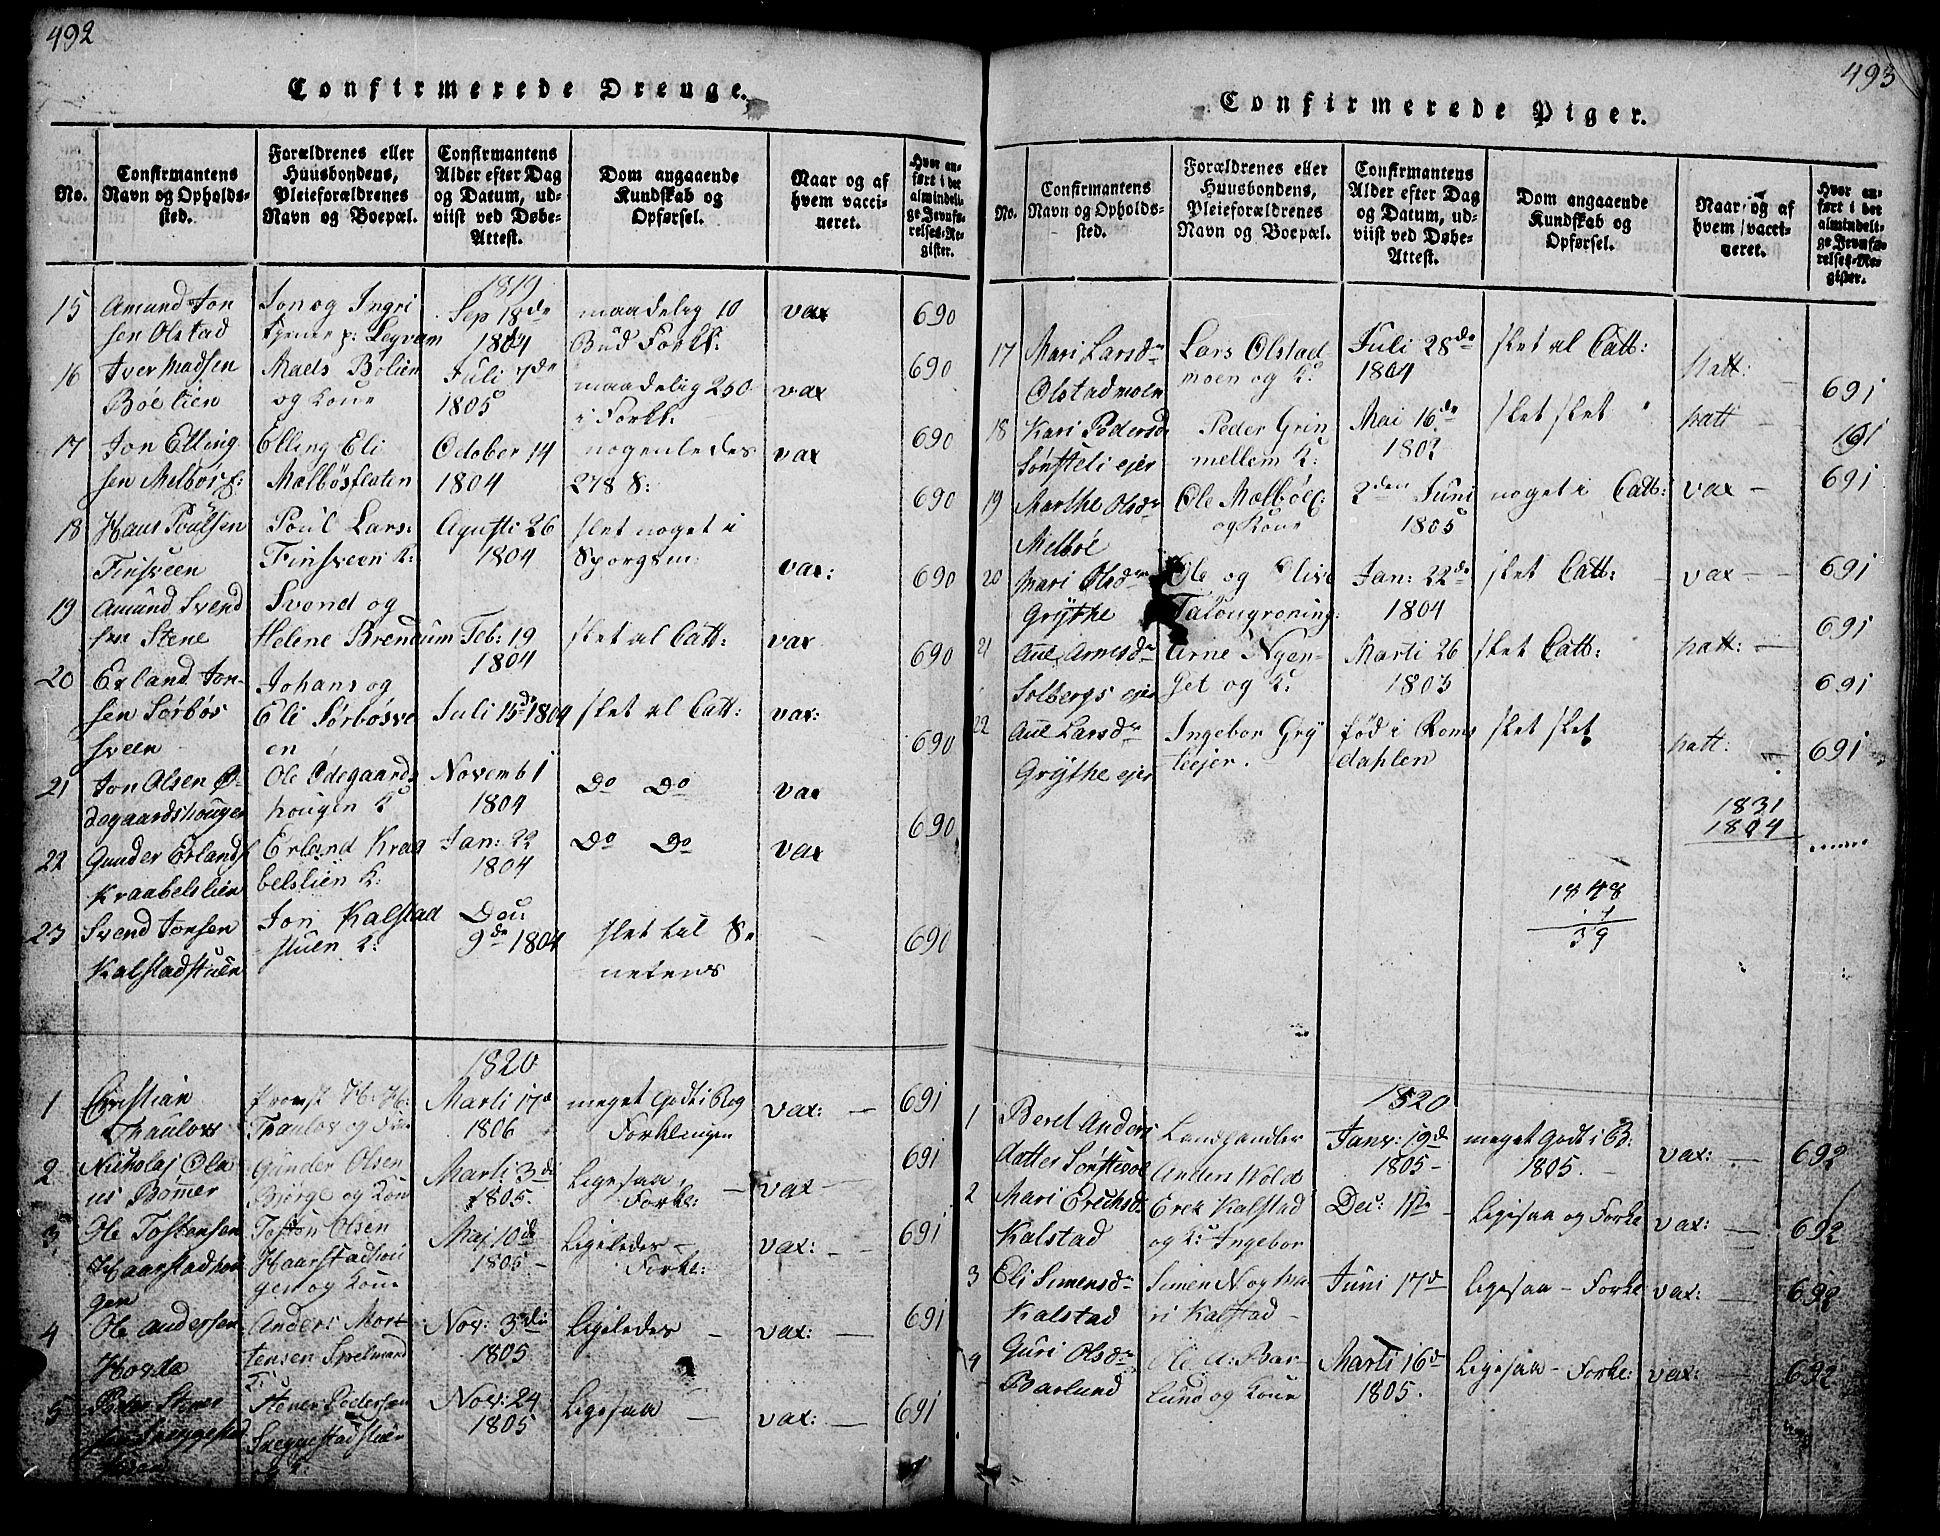 SAH, Gausdal prestekontor, Klokkerbok nr. 1, 1817-1848, s. 492-493